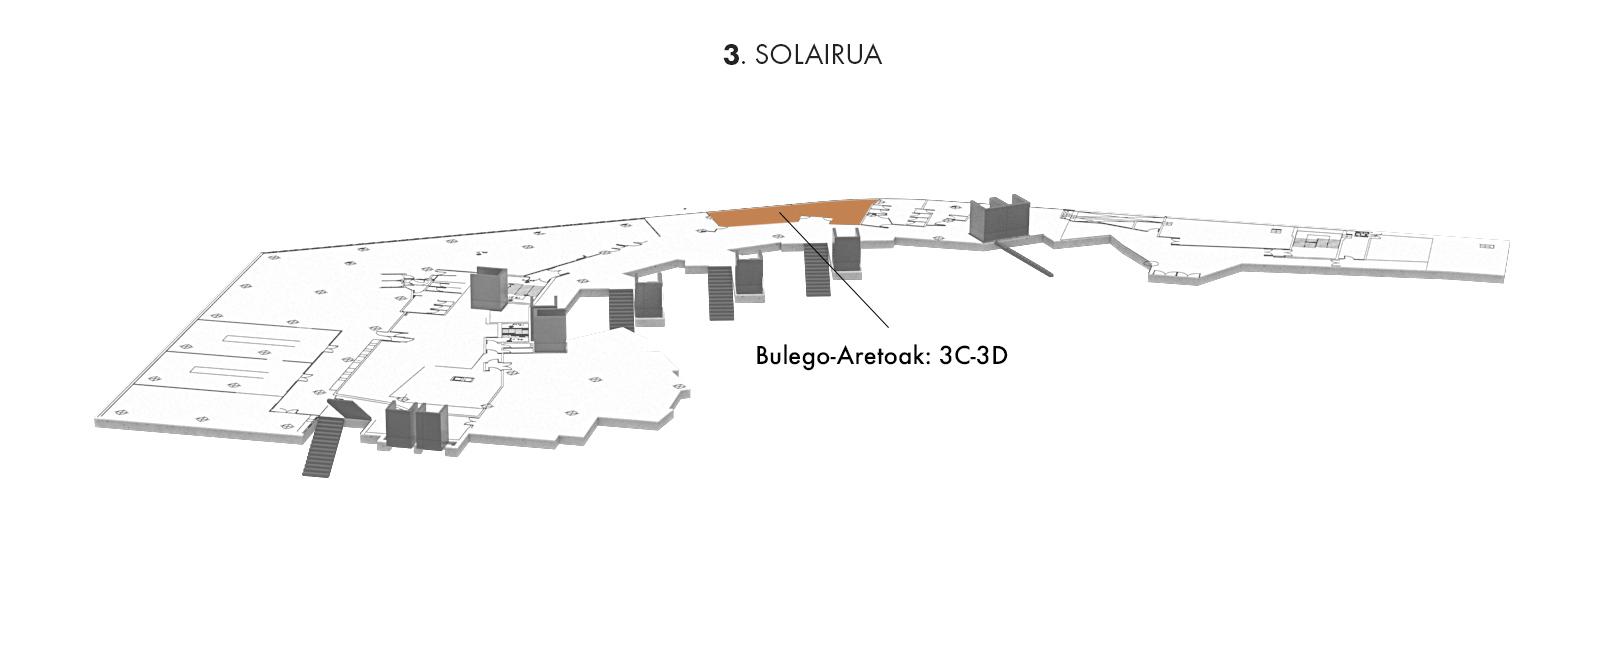 Bulego-Aretoak: 3C-3D, 3. solairua   Palacio Euskalduna Jauregia